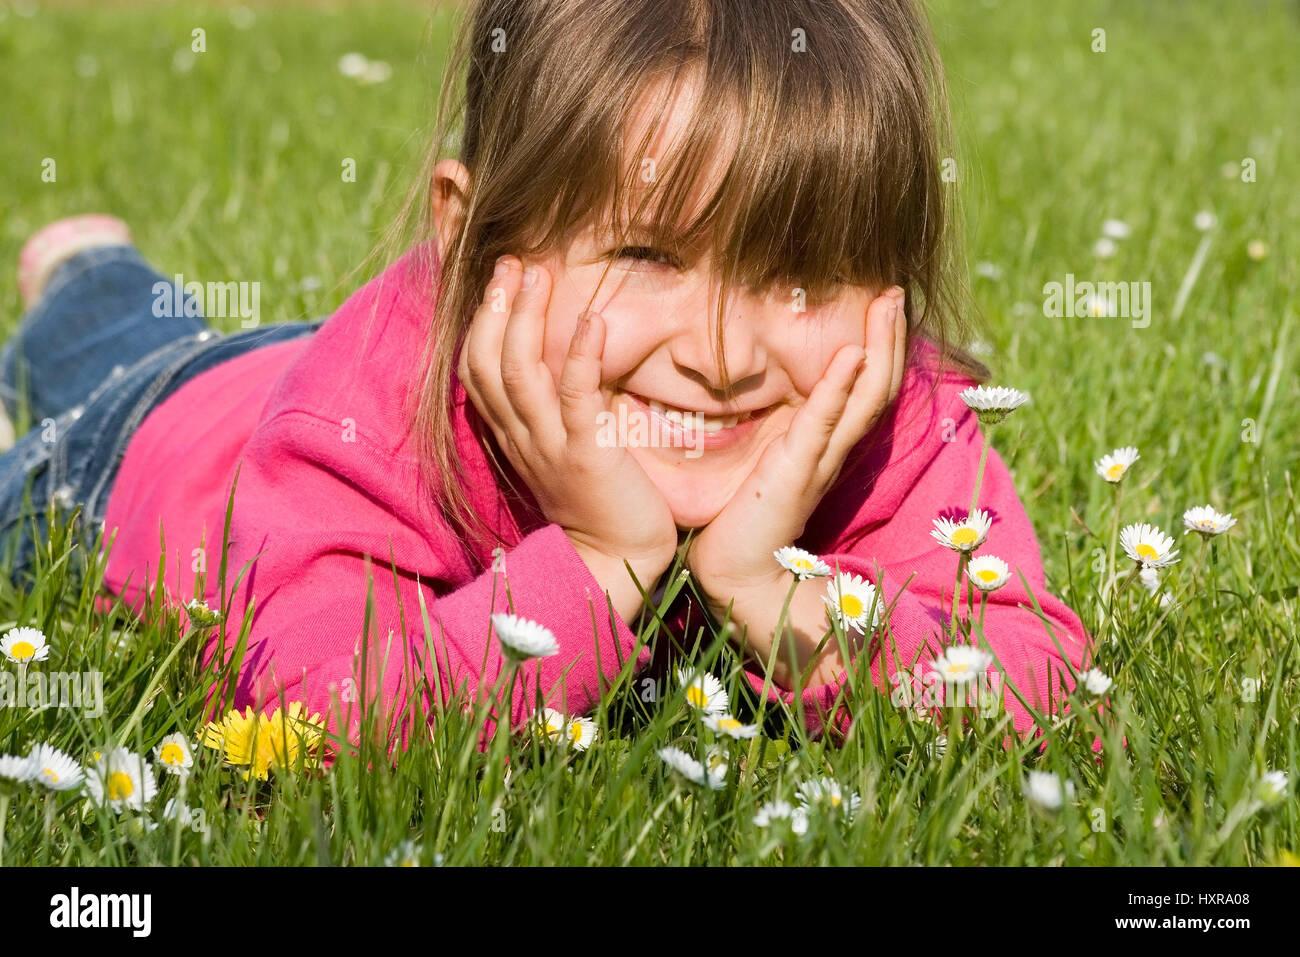 four-year-old girl lies laughing in the grass (mr), vierjähriges Mädchen liegt lachend im Gras (mr) Stock Photo